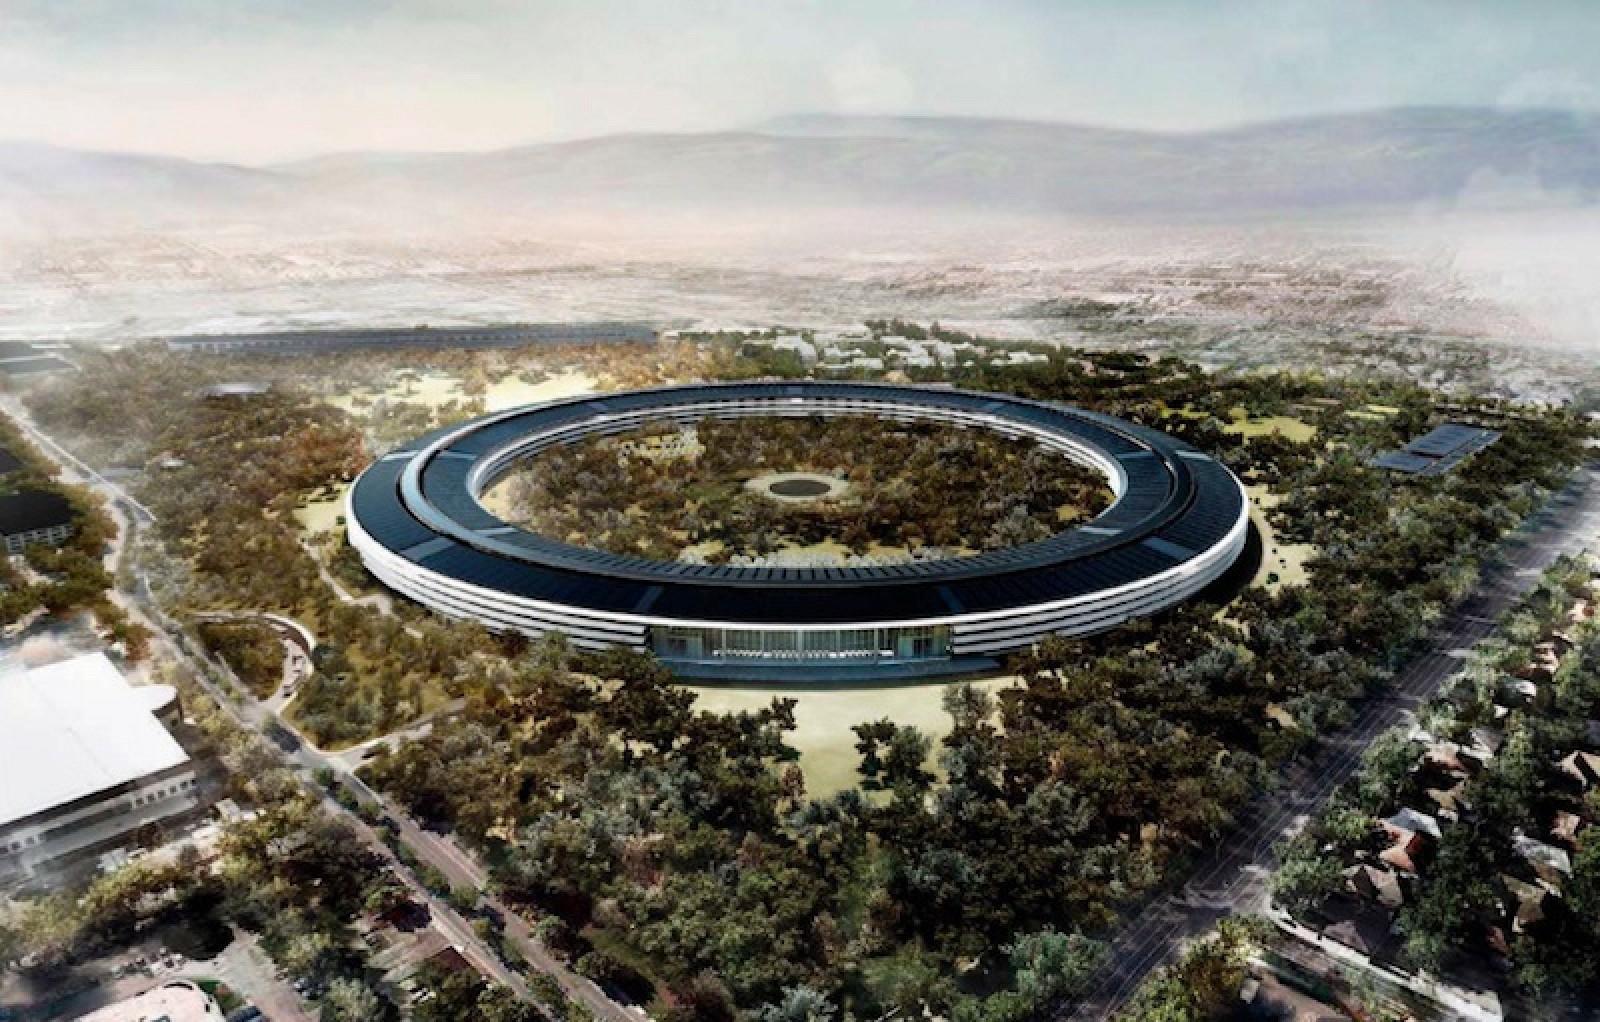 Dron capta imágenes de la construcción del nuevo campus de Apple 6